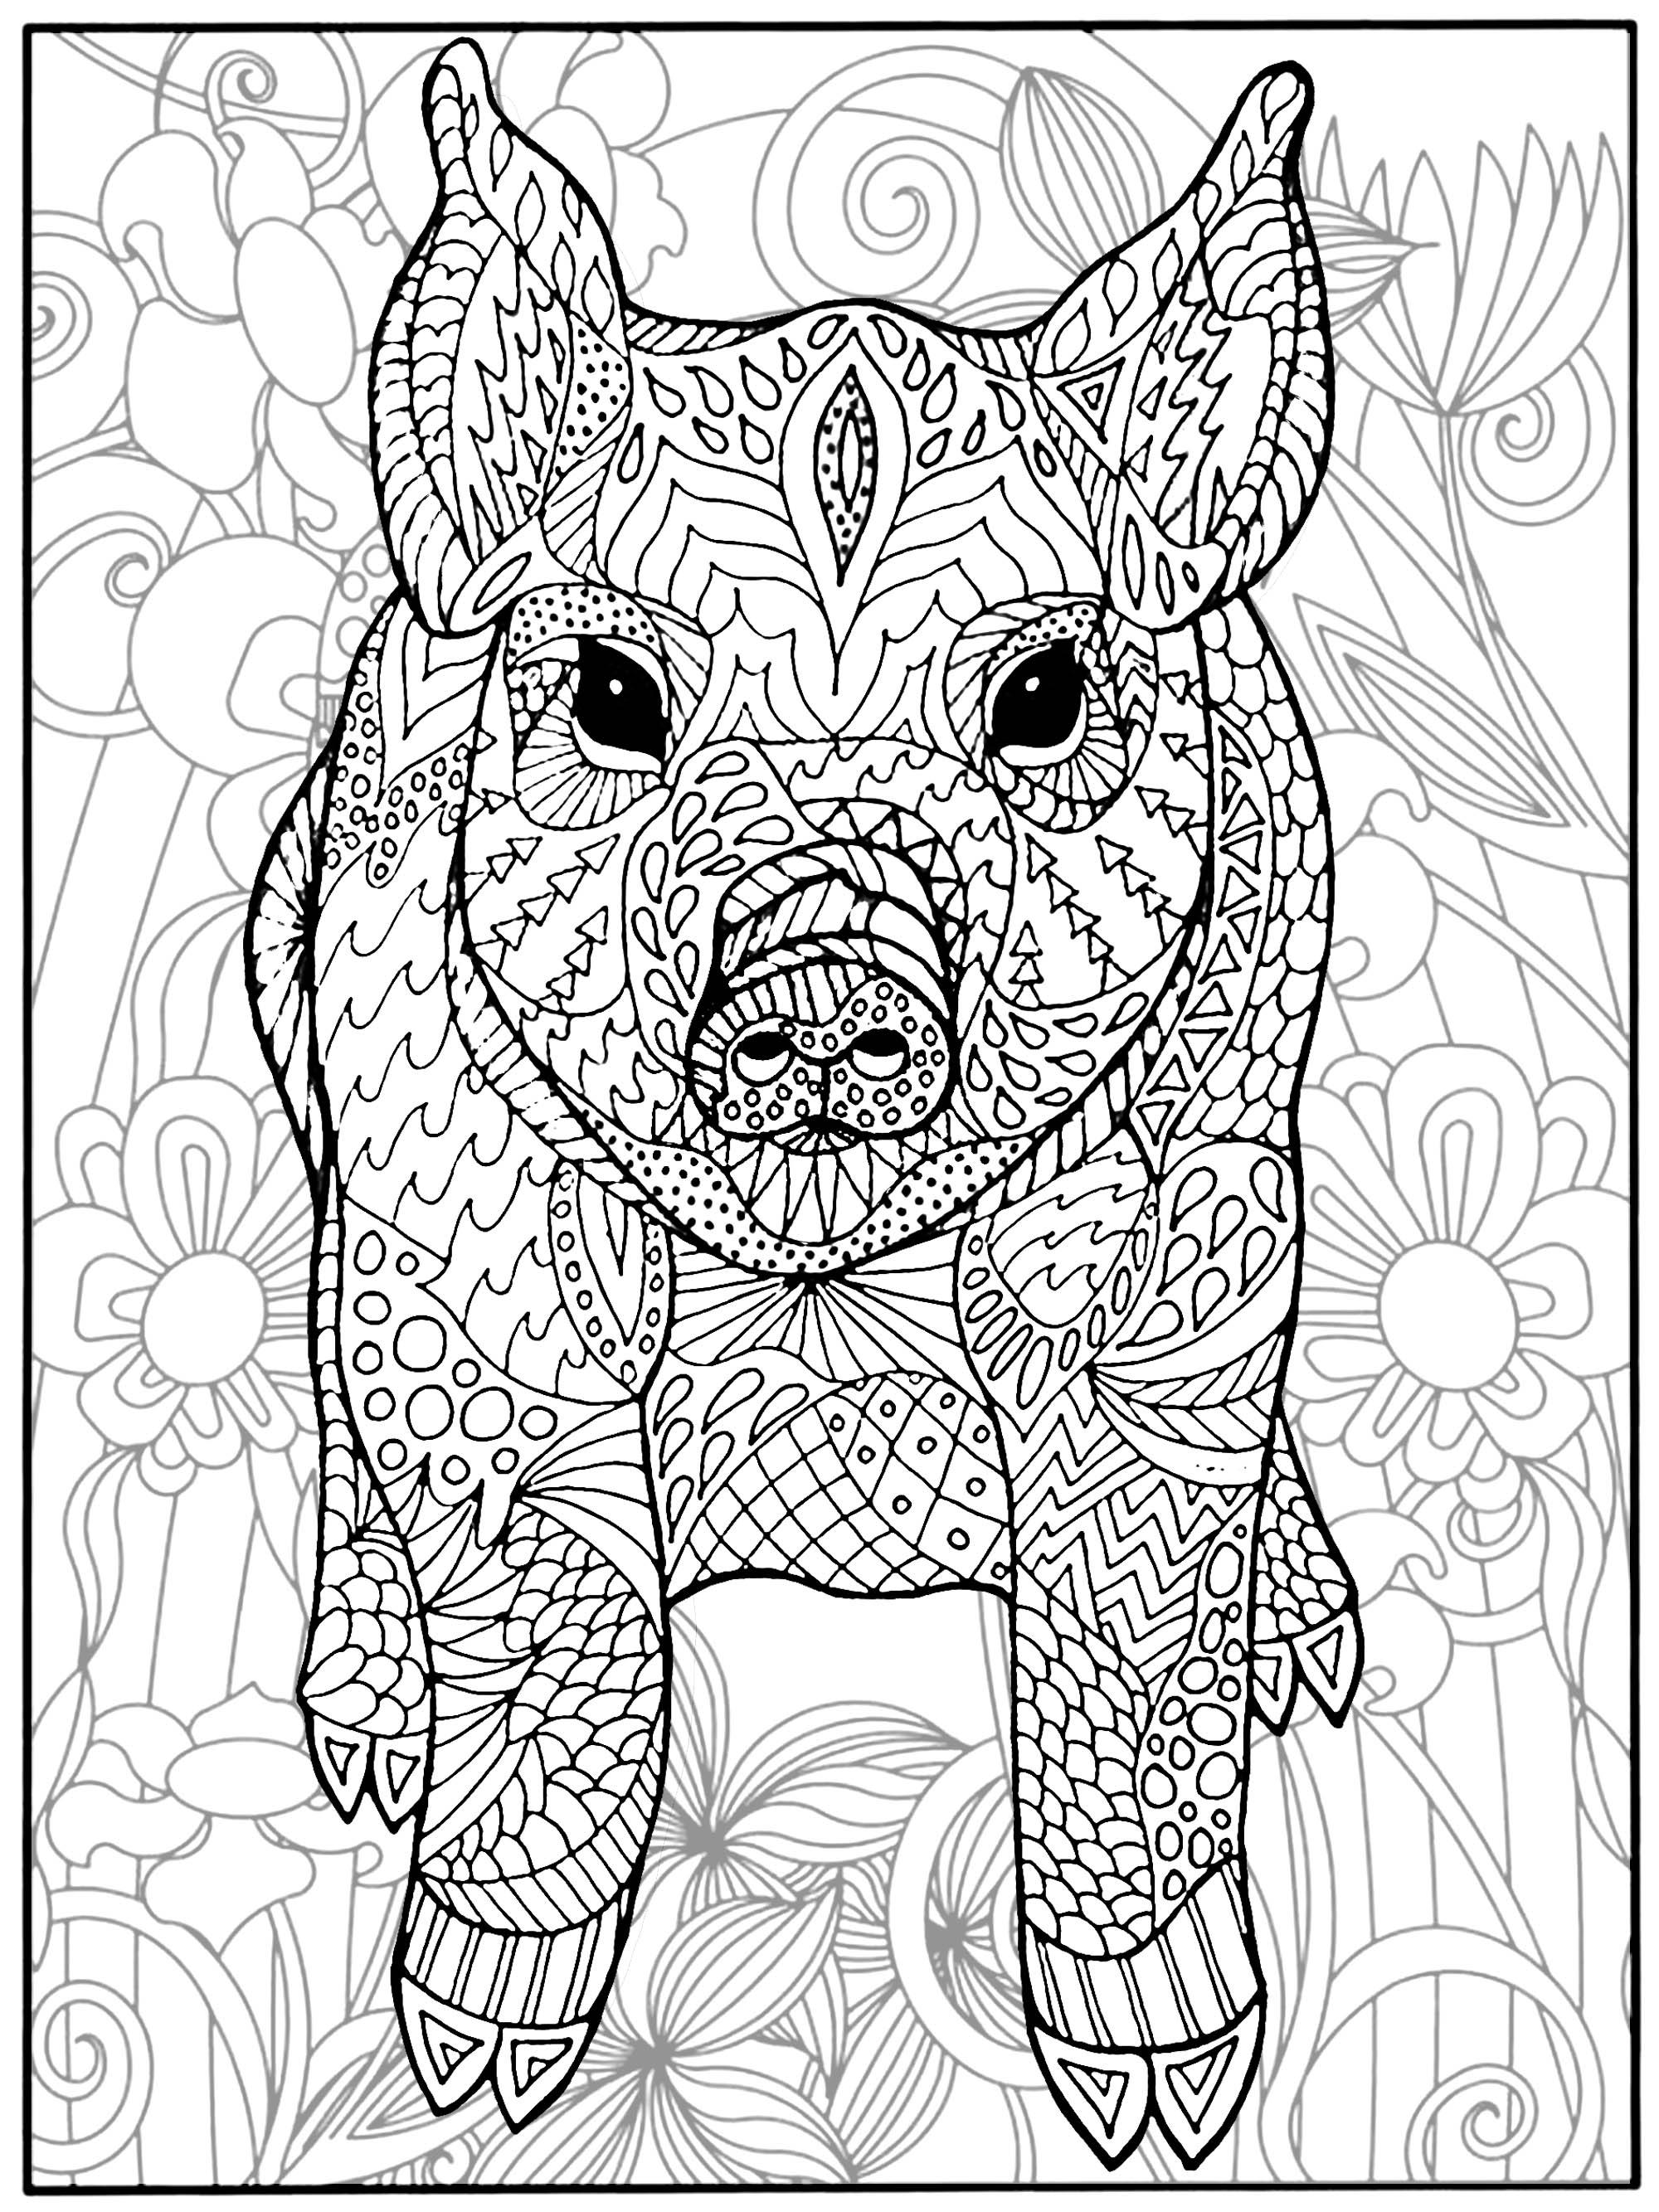 Colorear para adultos  : Cerdos - 4